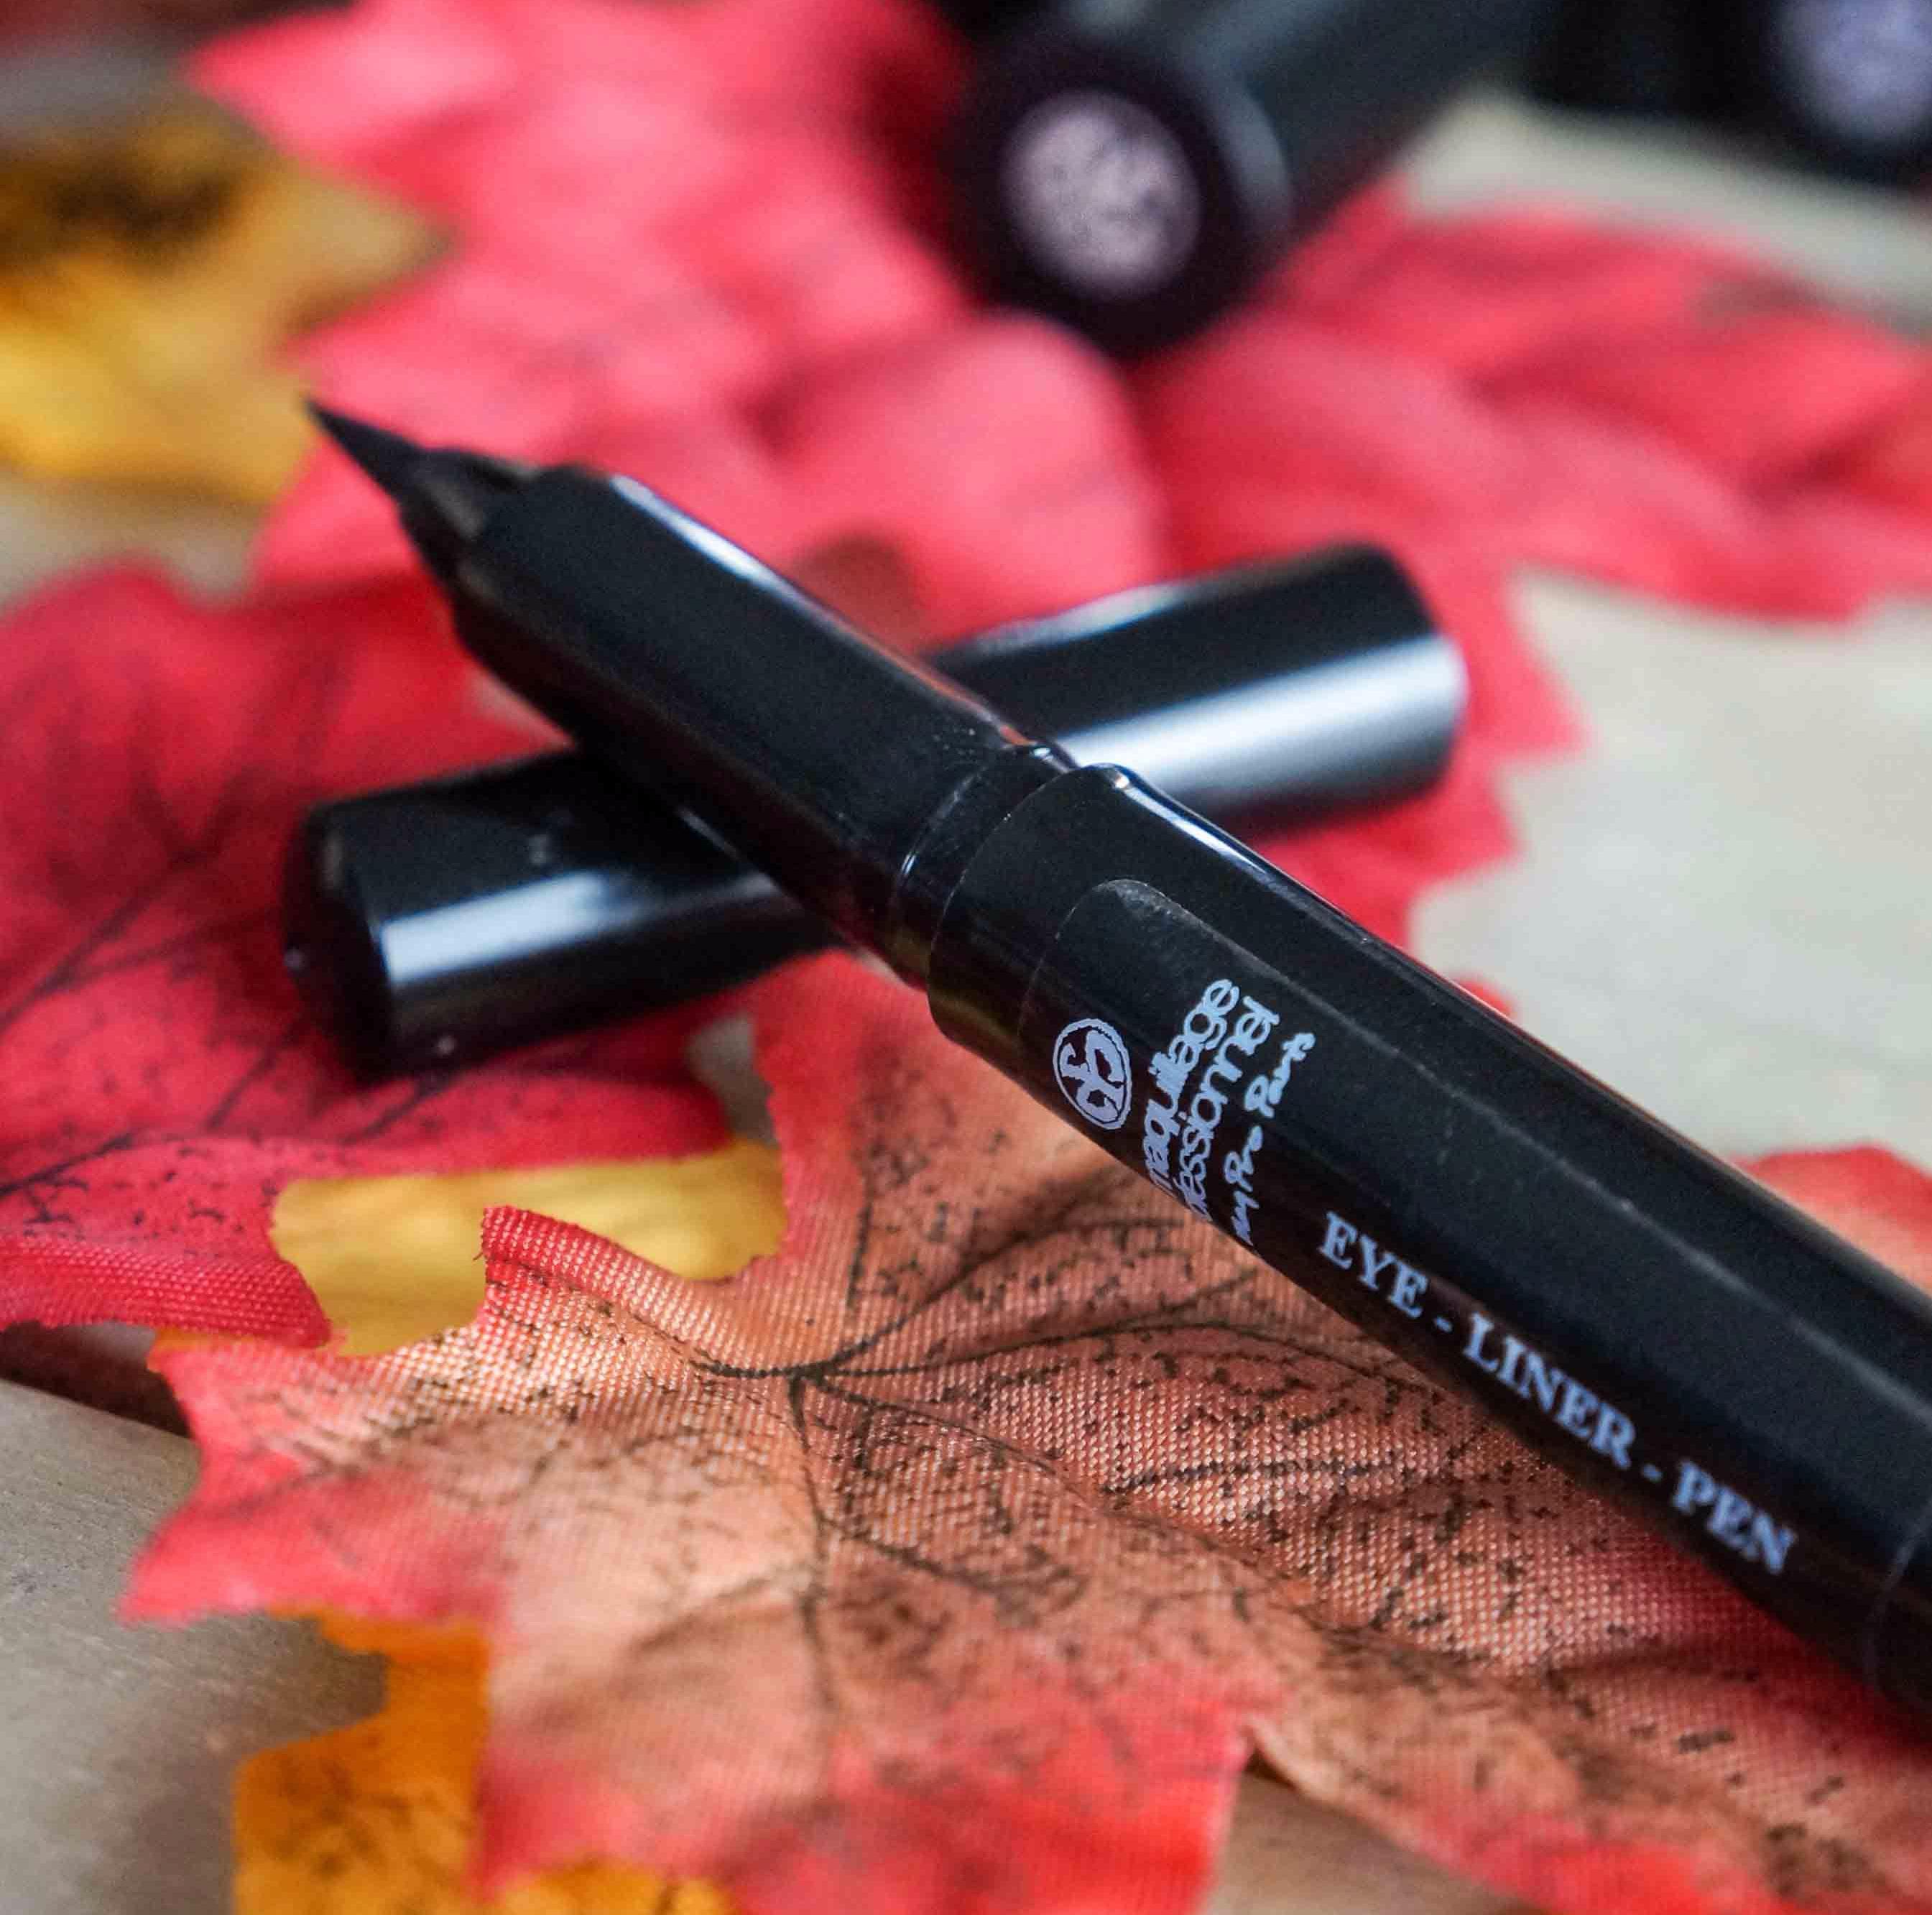 Avis Test de la marque de maquillage française Maqpro